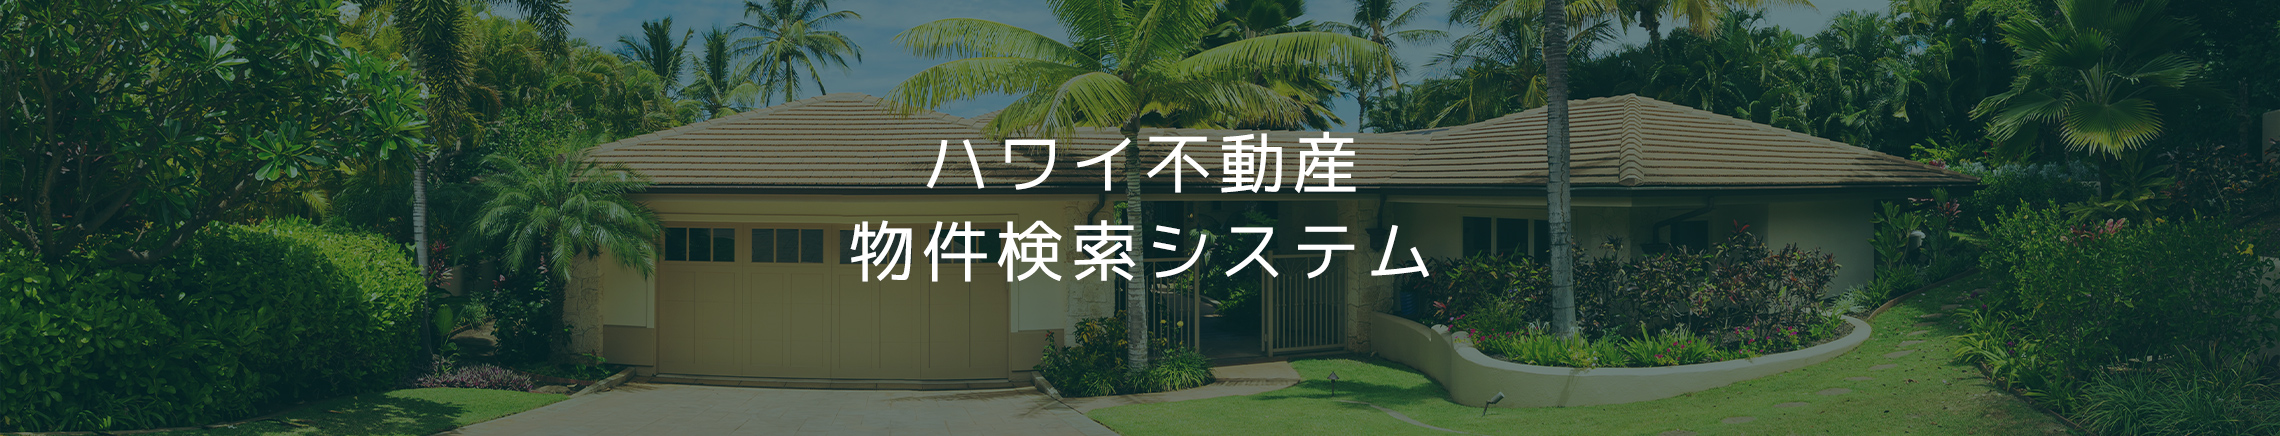 ハワイ不動産物件検索システム